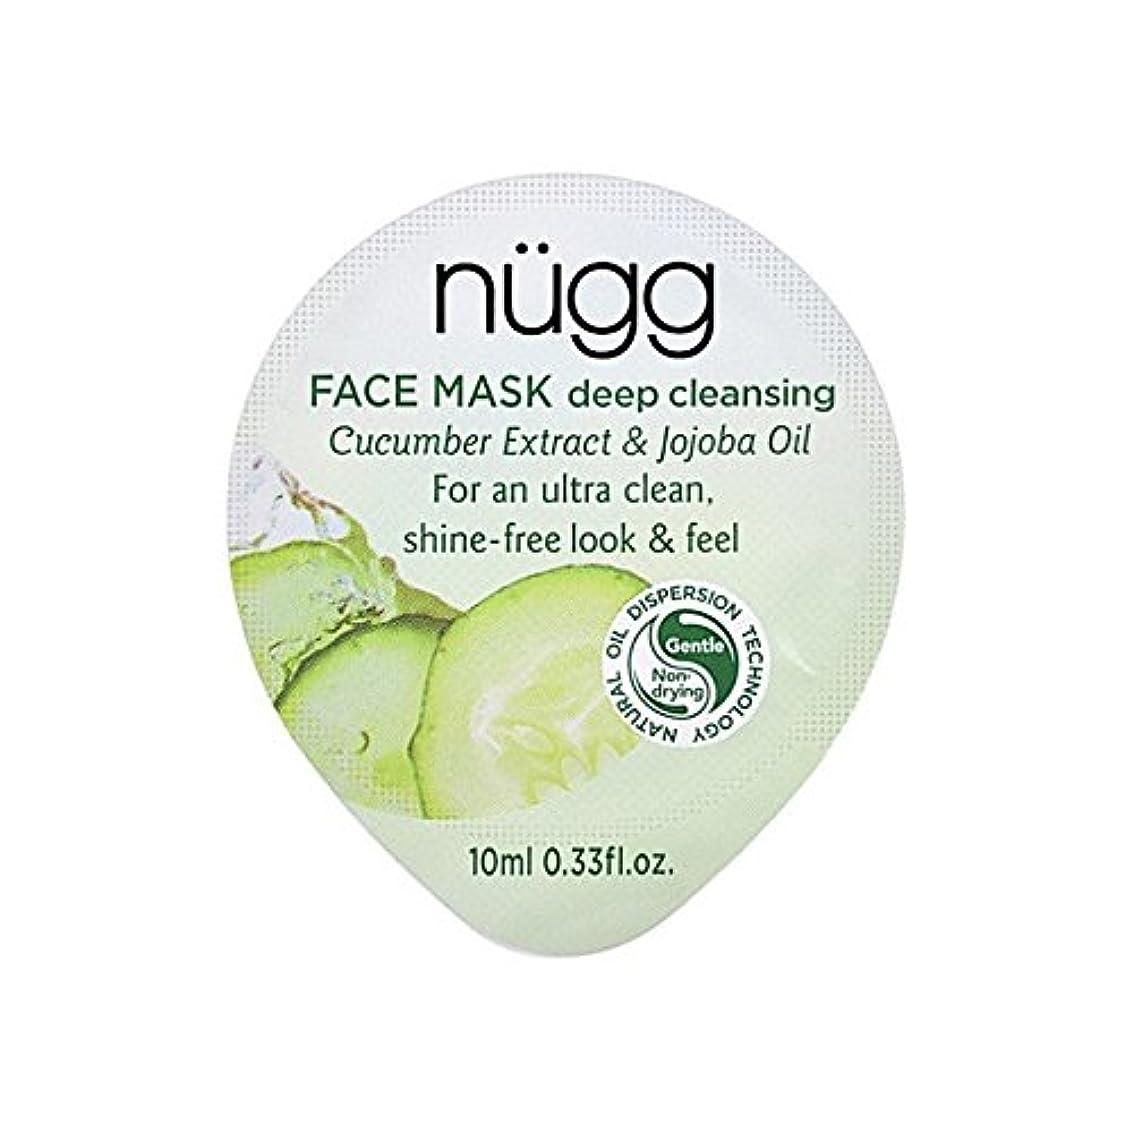 降伏雷雨オーバーフローディープクレンジングフェイスマスク x2 - Nugg Deep Cleansing Face Mask (Pack of 2) [並行輸入品]